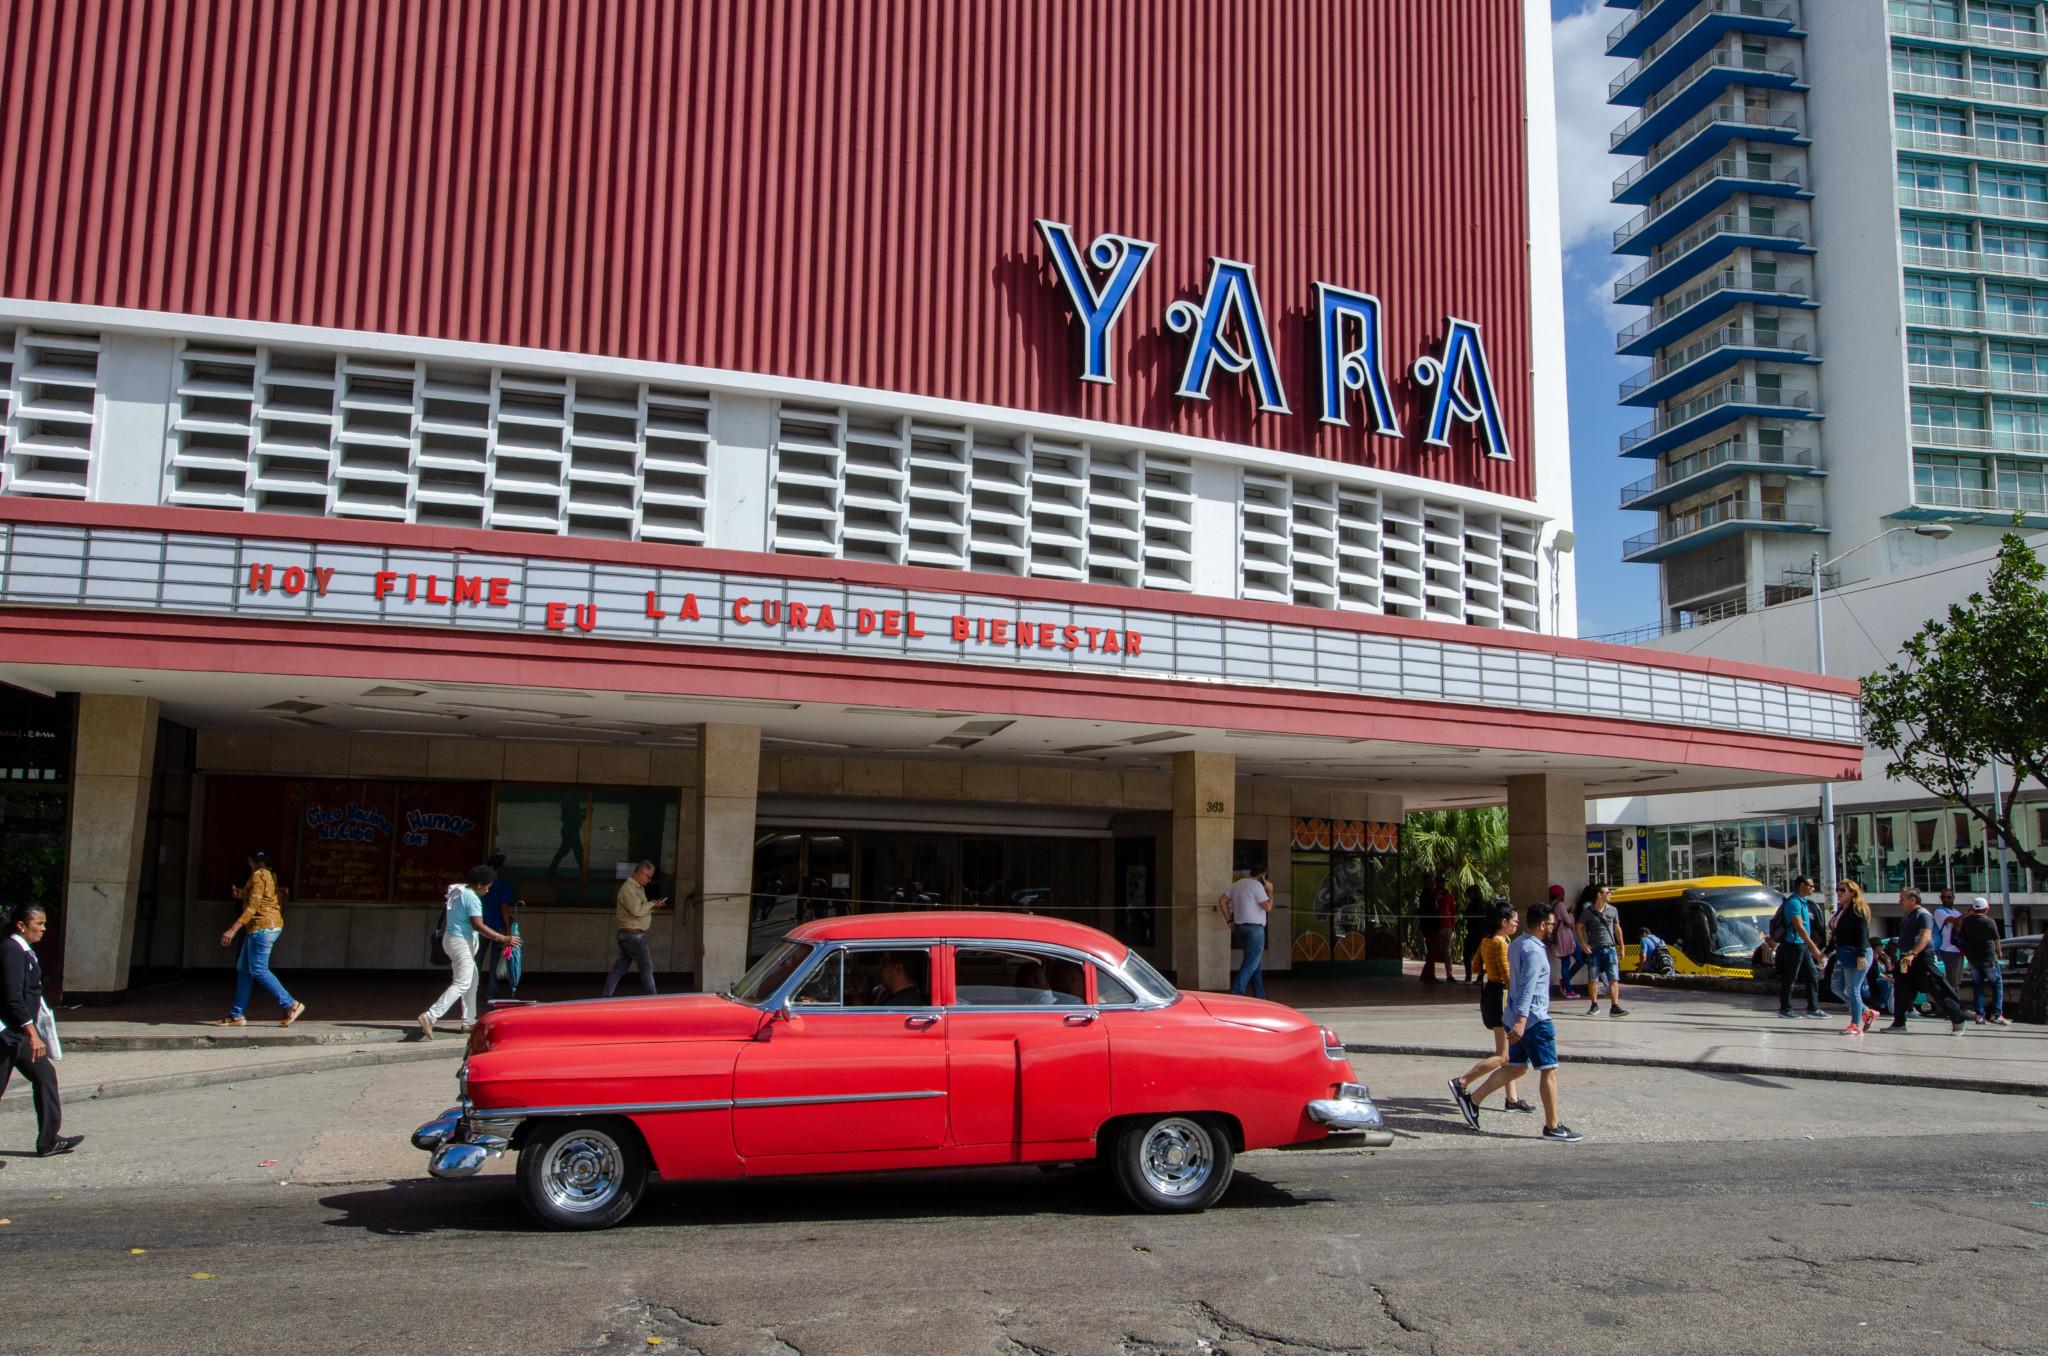 Das Cine Yara in Vedado ist ein Muss für alle Architekturliebhaber